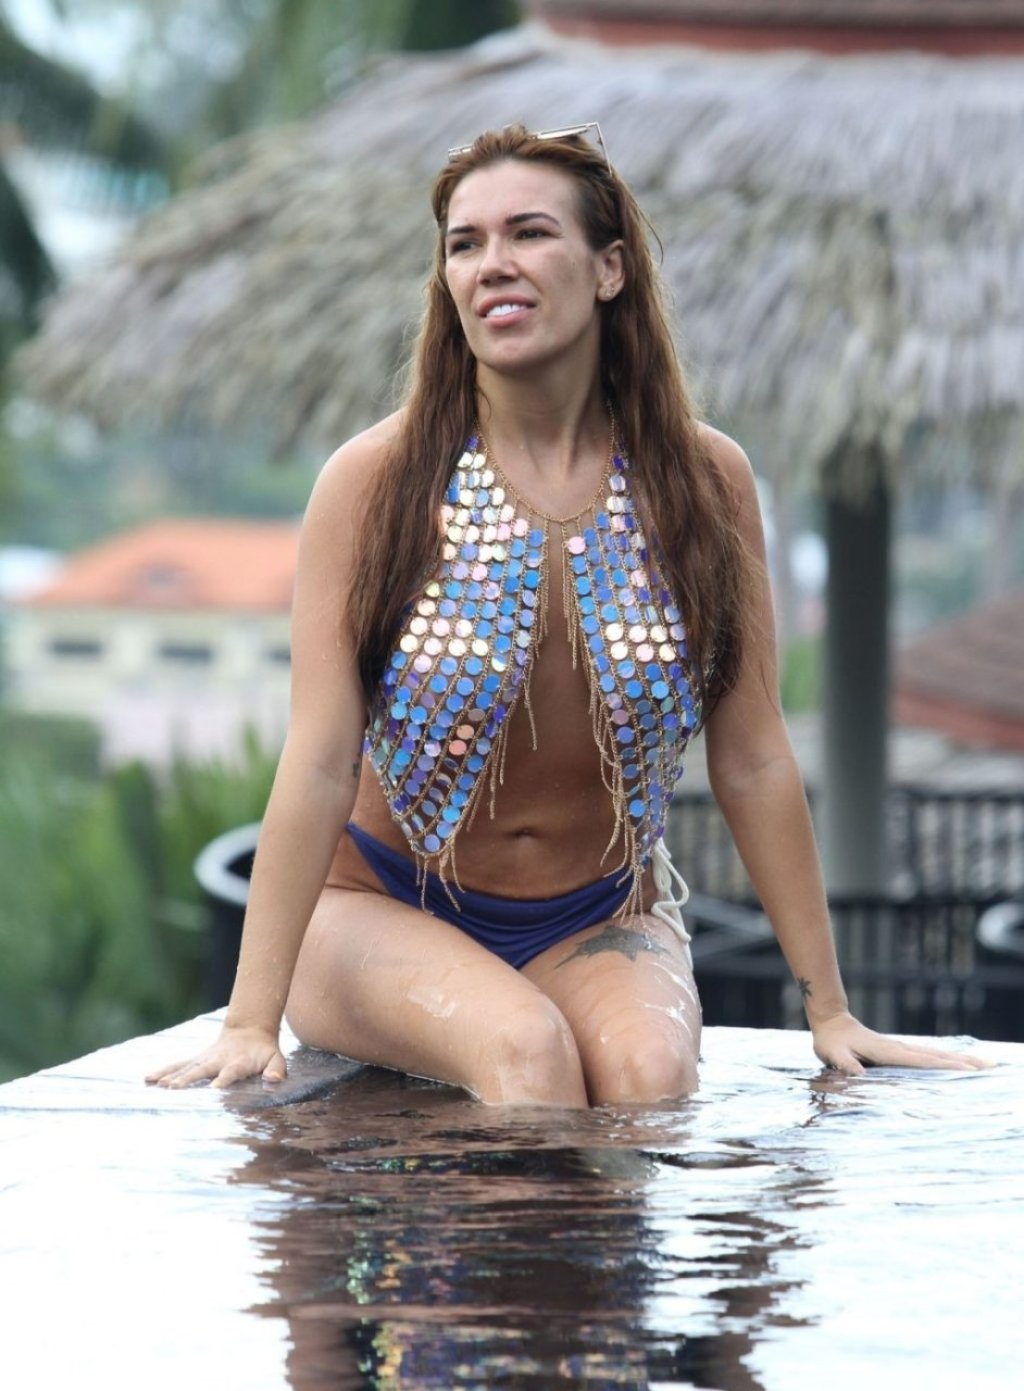 Imogen Townley Sexy (43 Photos)